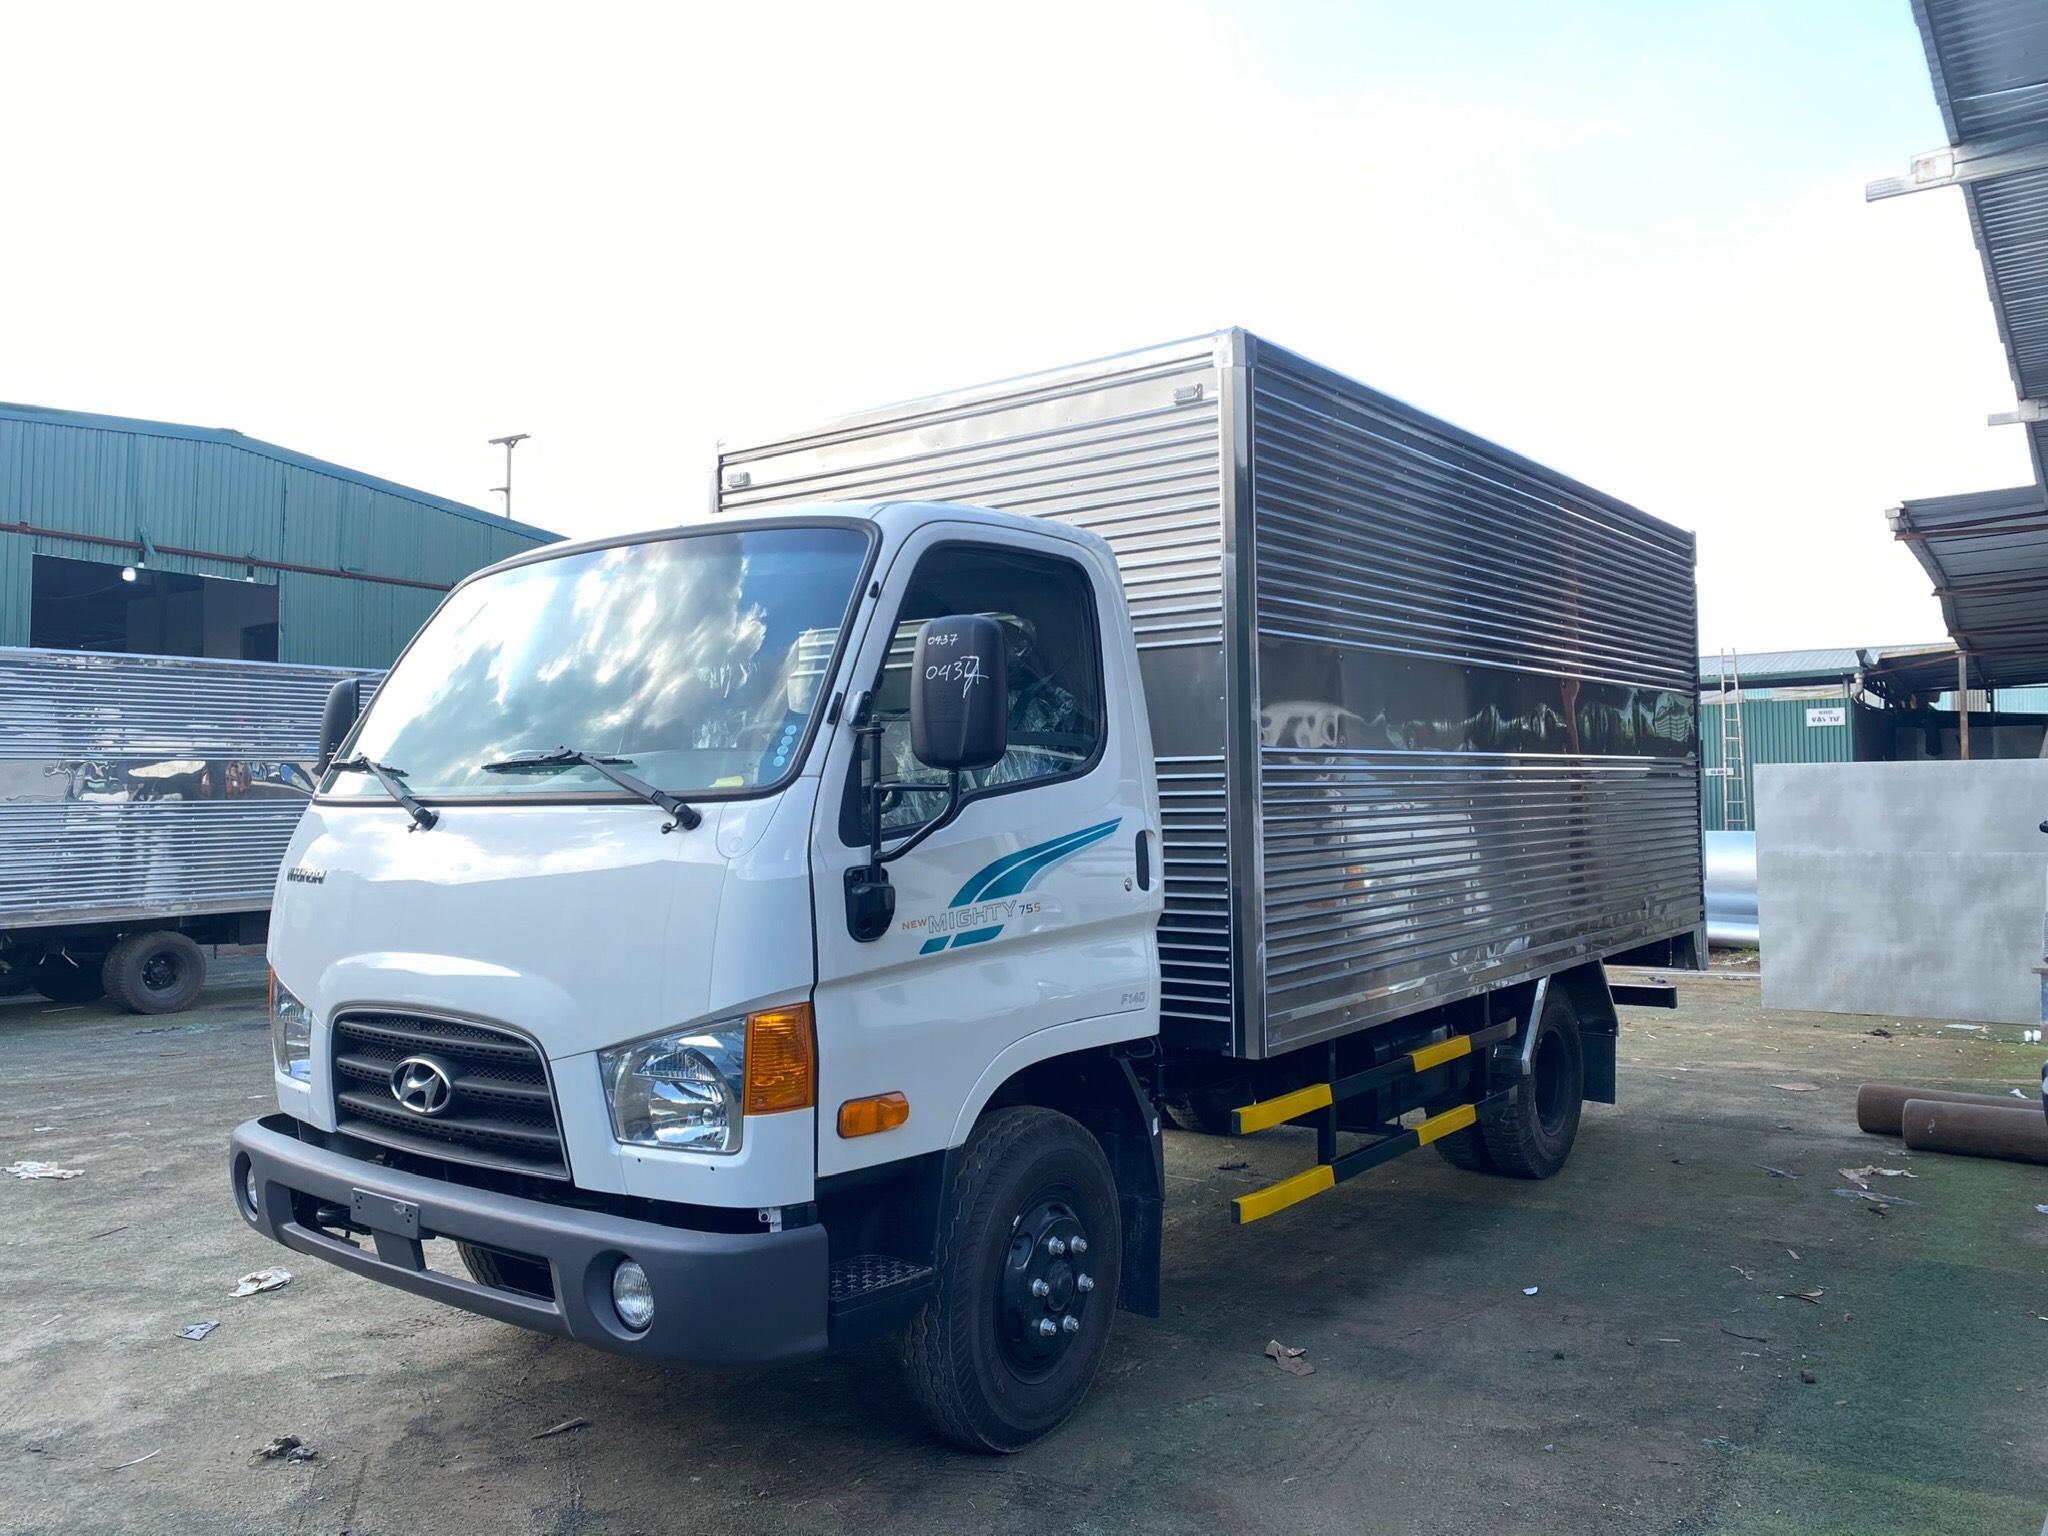 Bán xe tải Hyundai 75S tại Hòa Bình